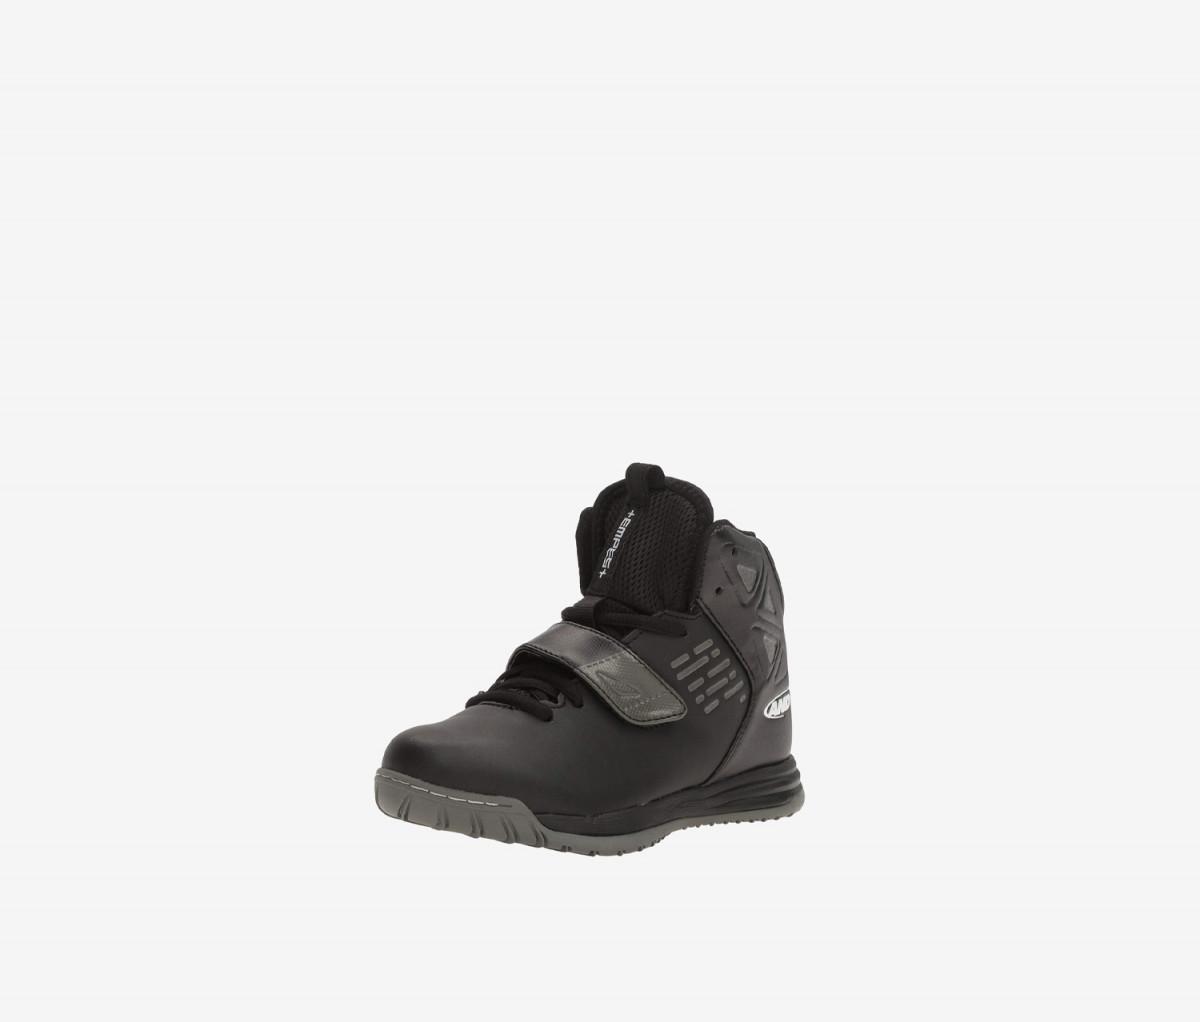 And1 Boys Tempest Au Lace Up Shoes  Black